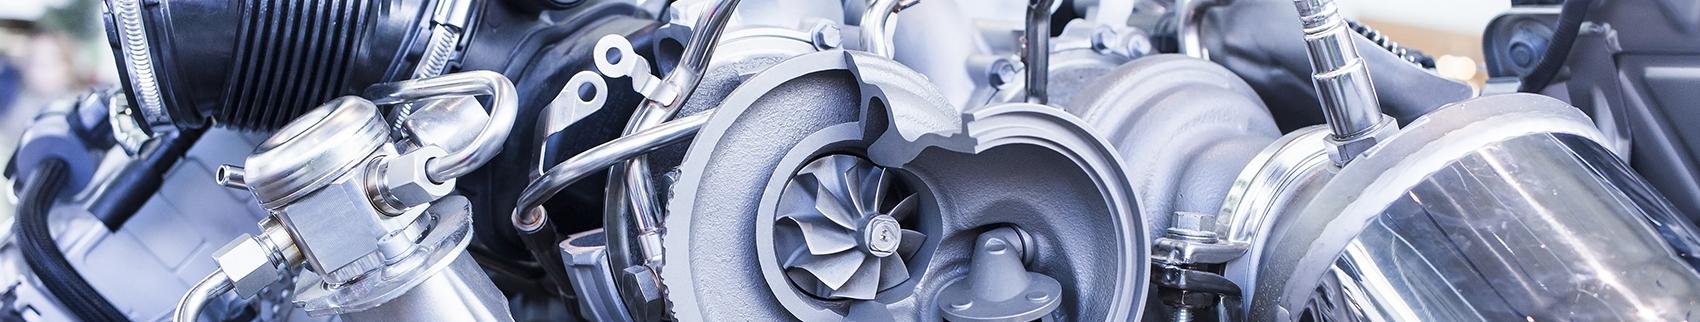 turbo leiding ajusa